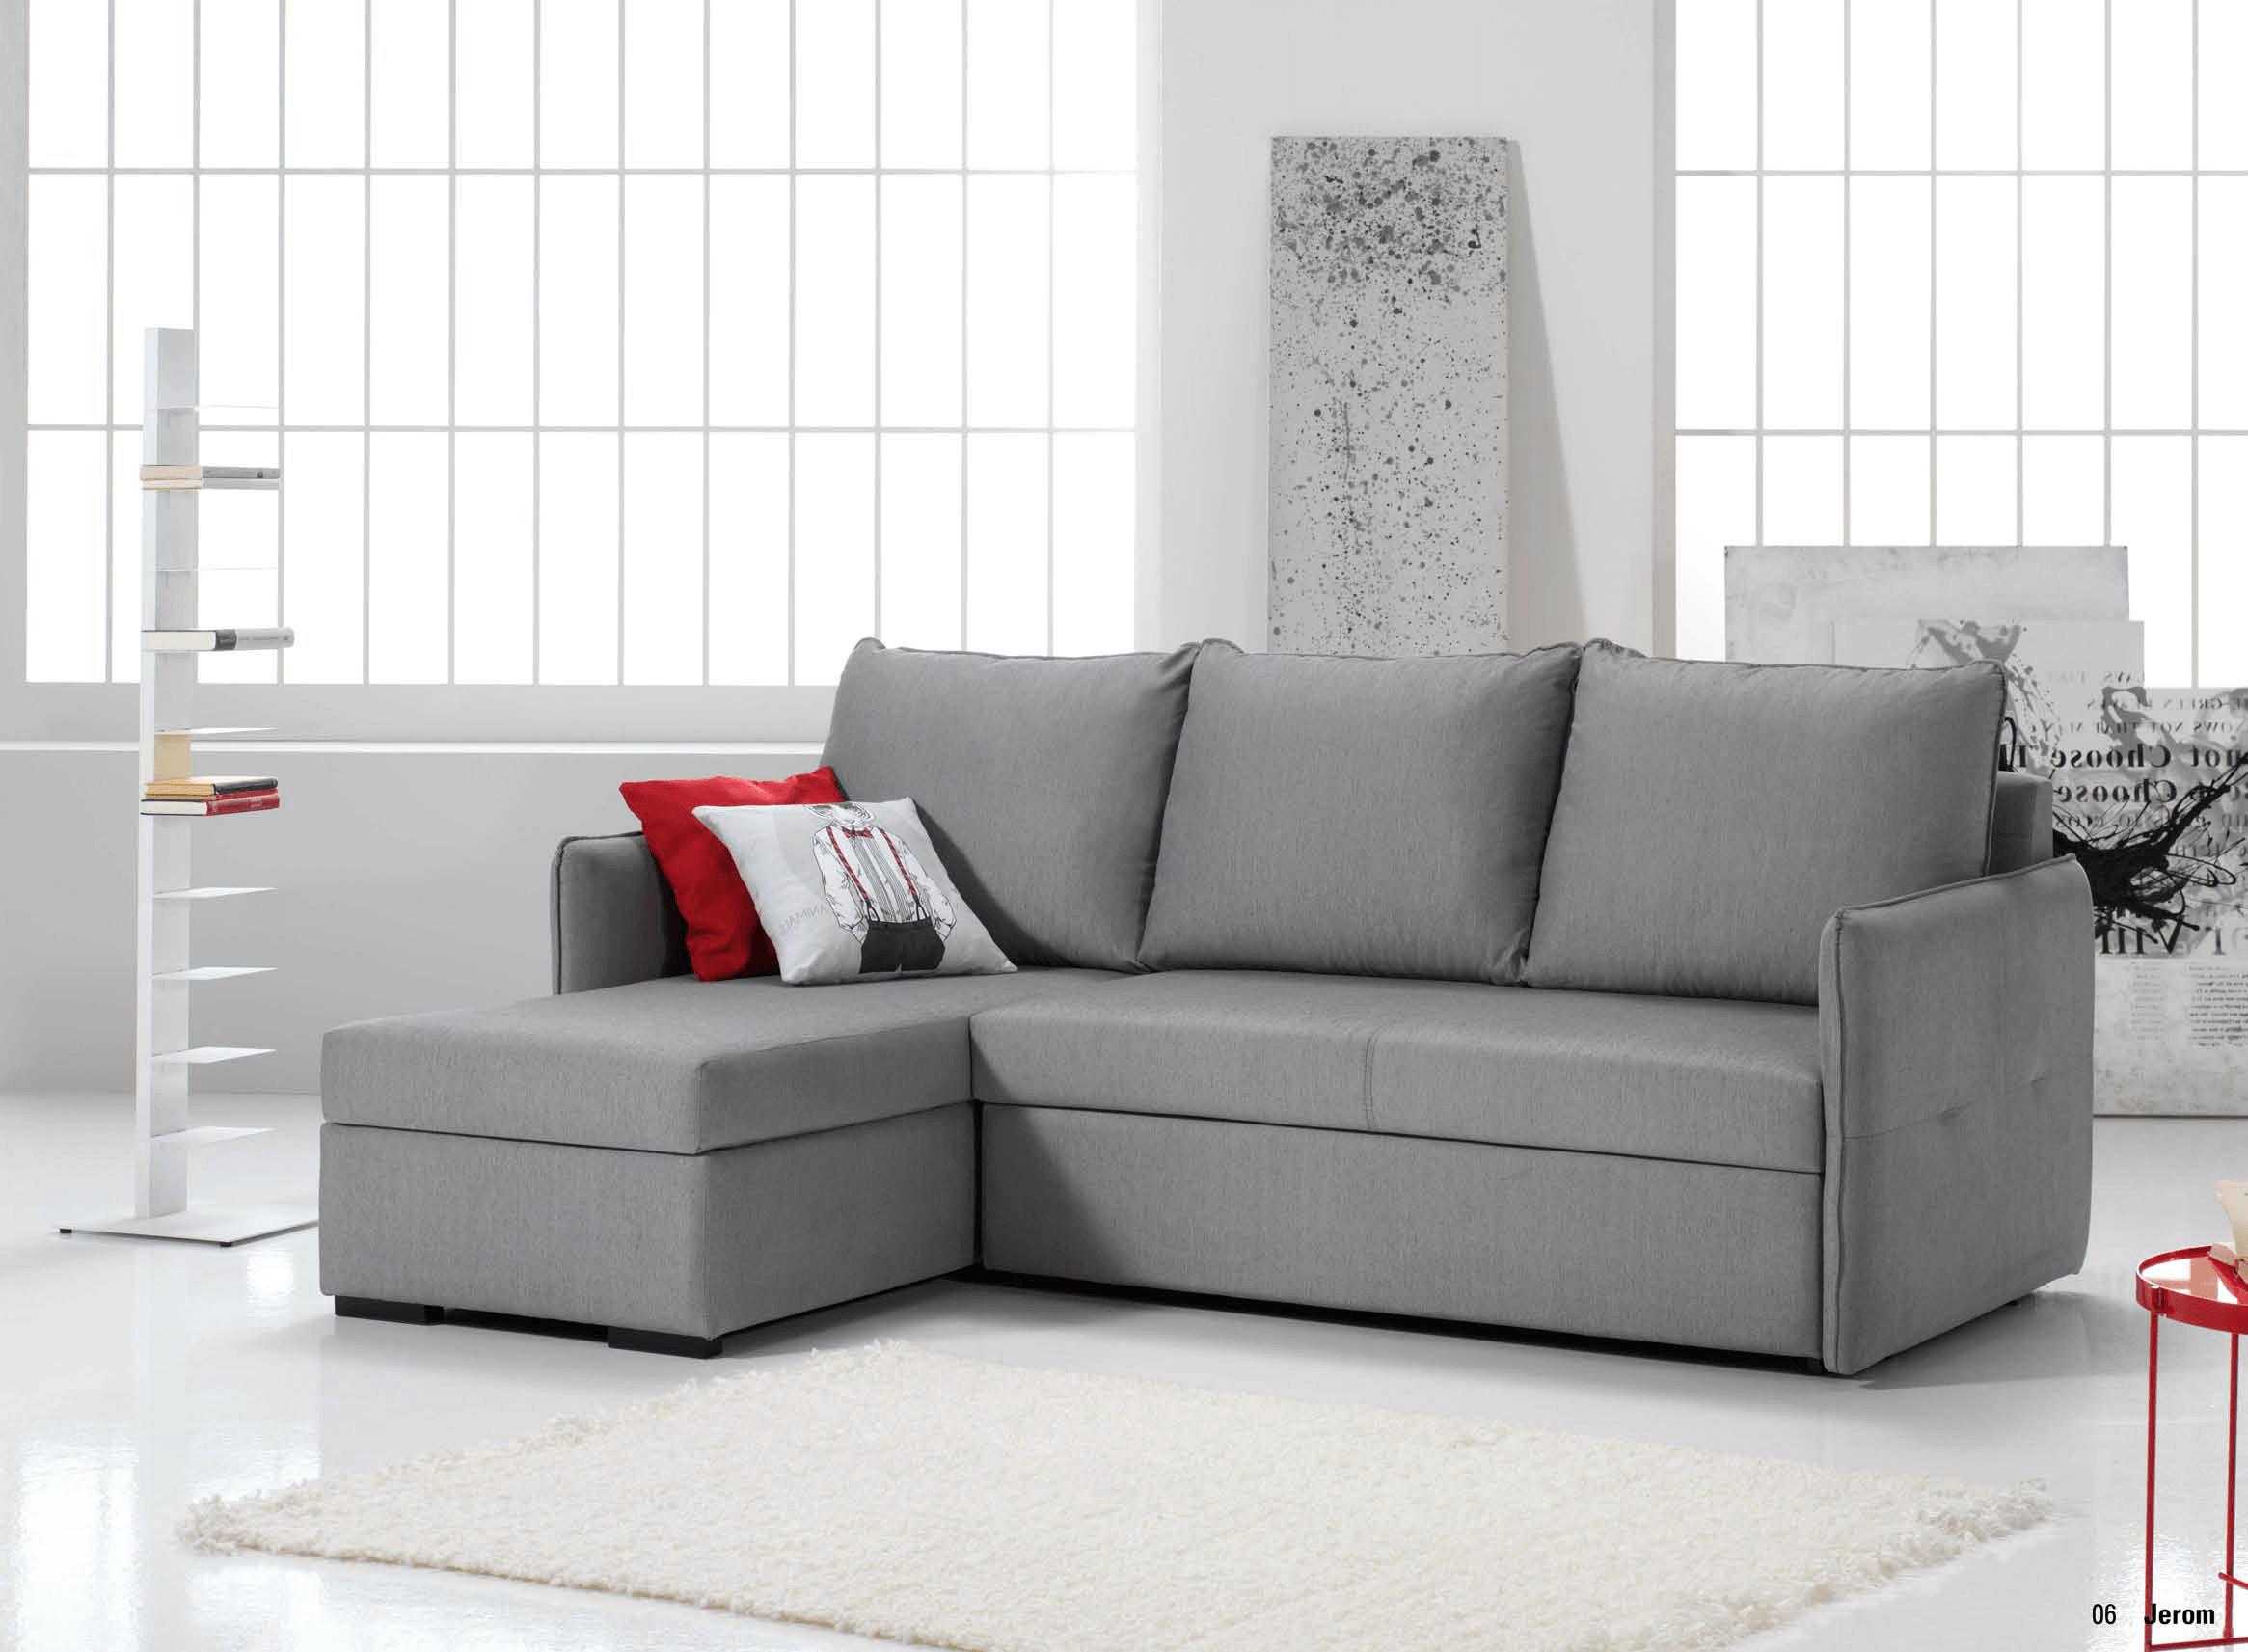 Sofa cama con chaislongue muebles sipo - Mueble sofa cama ...